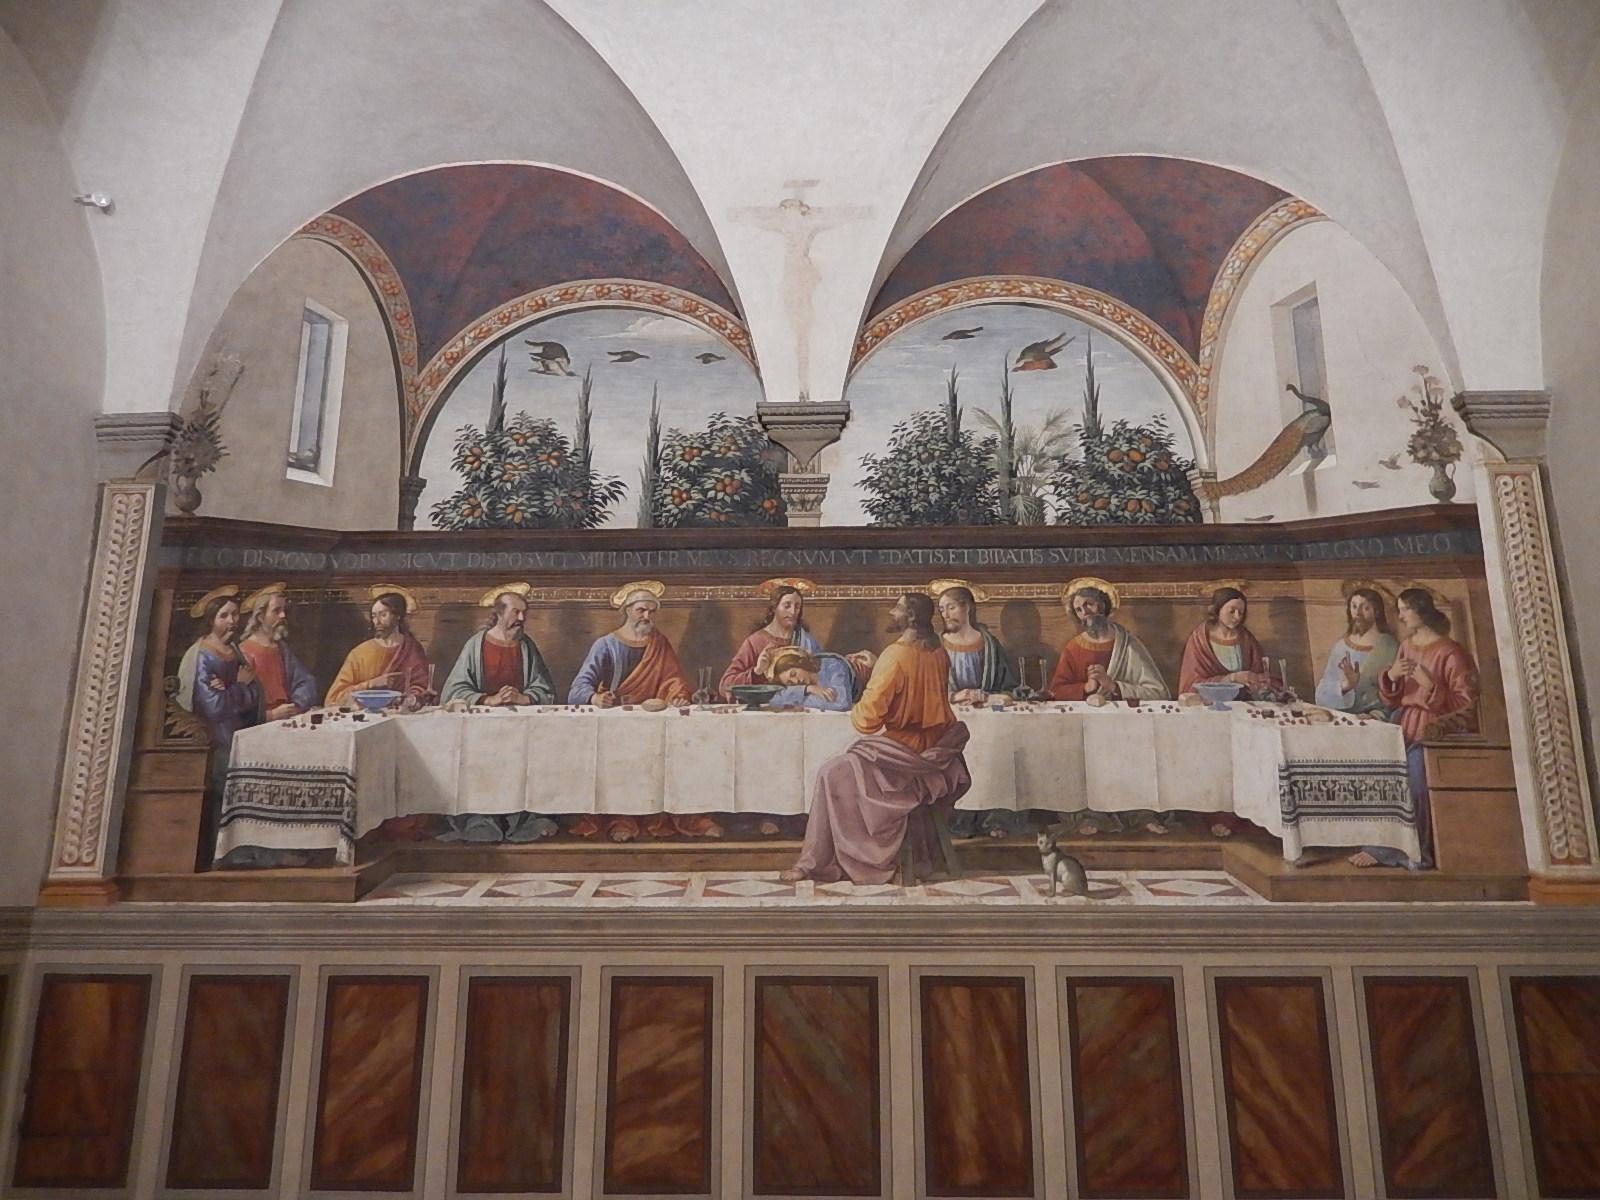 Palios | Arte e iconografía de las religiones | Página 10